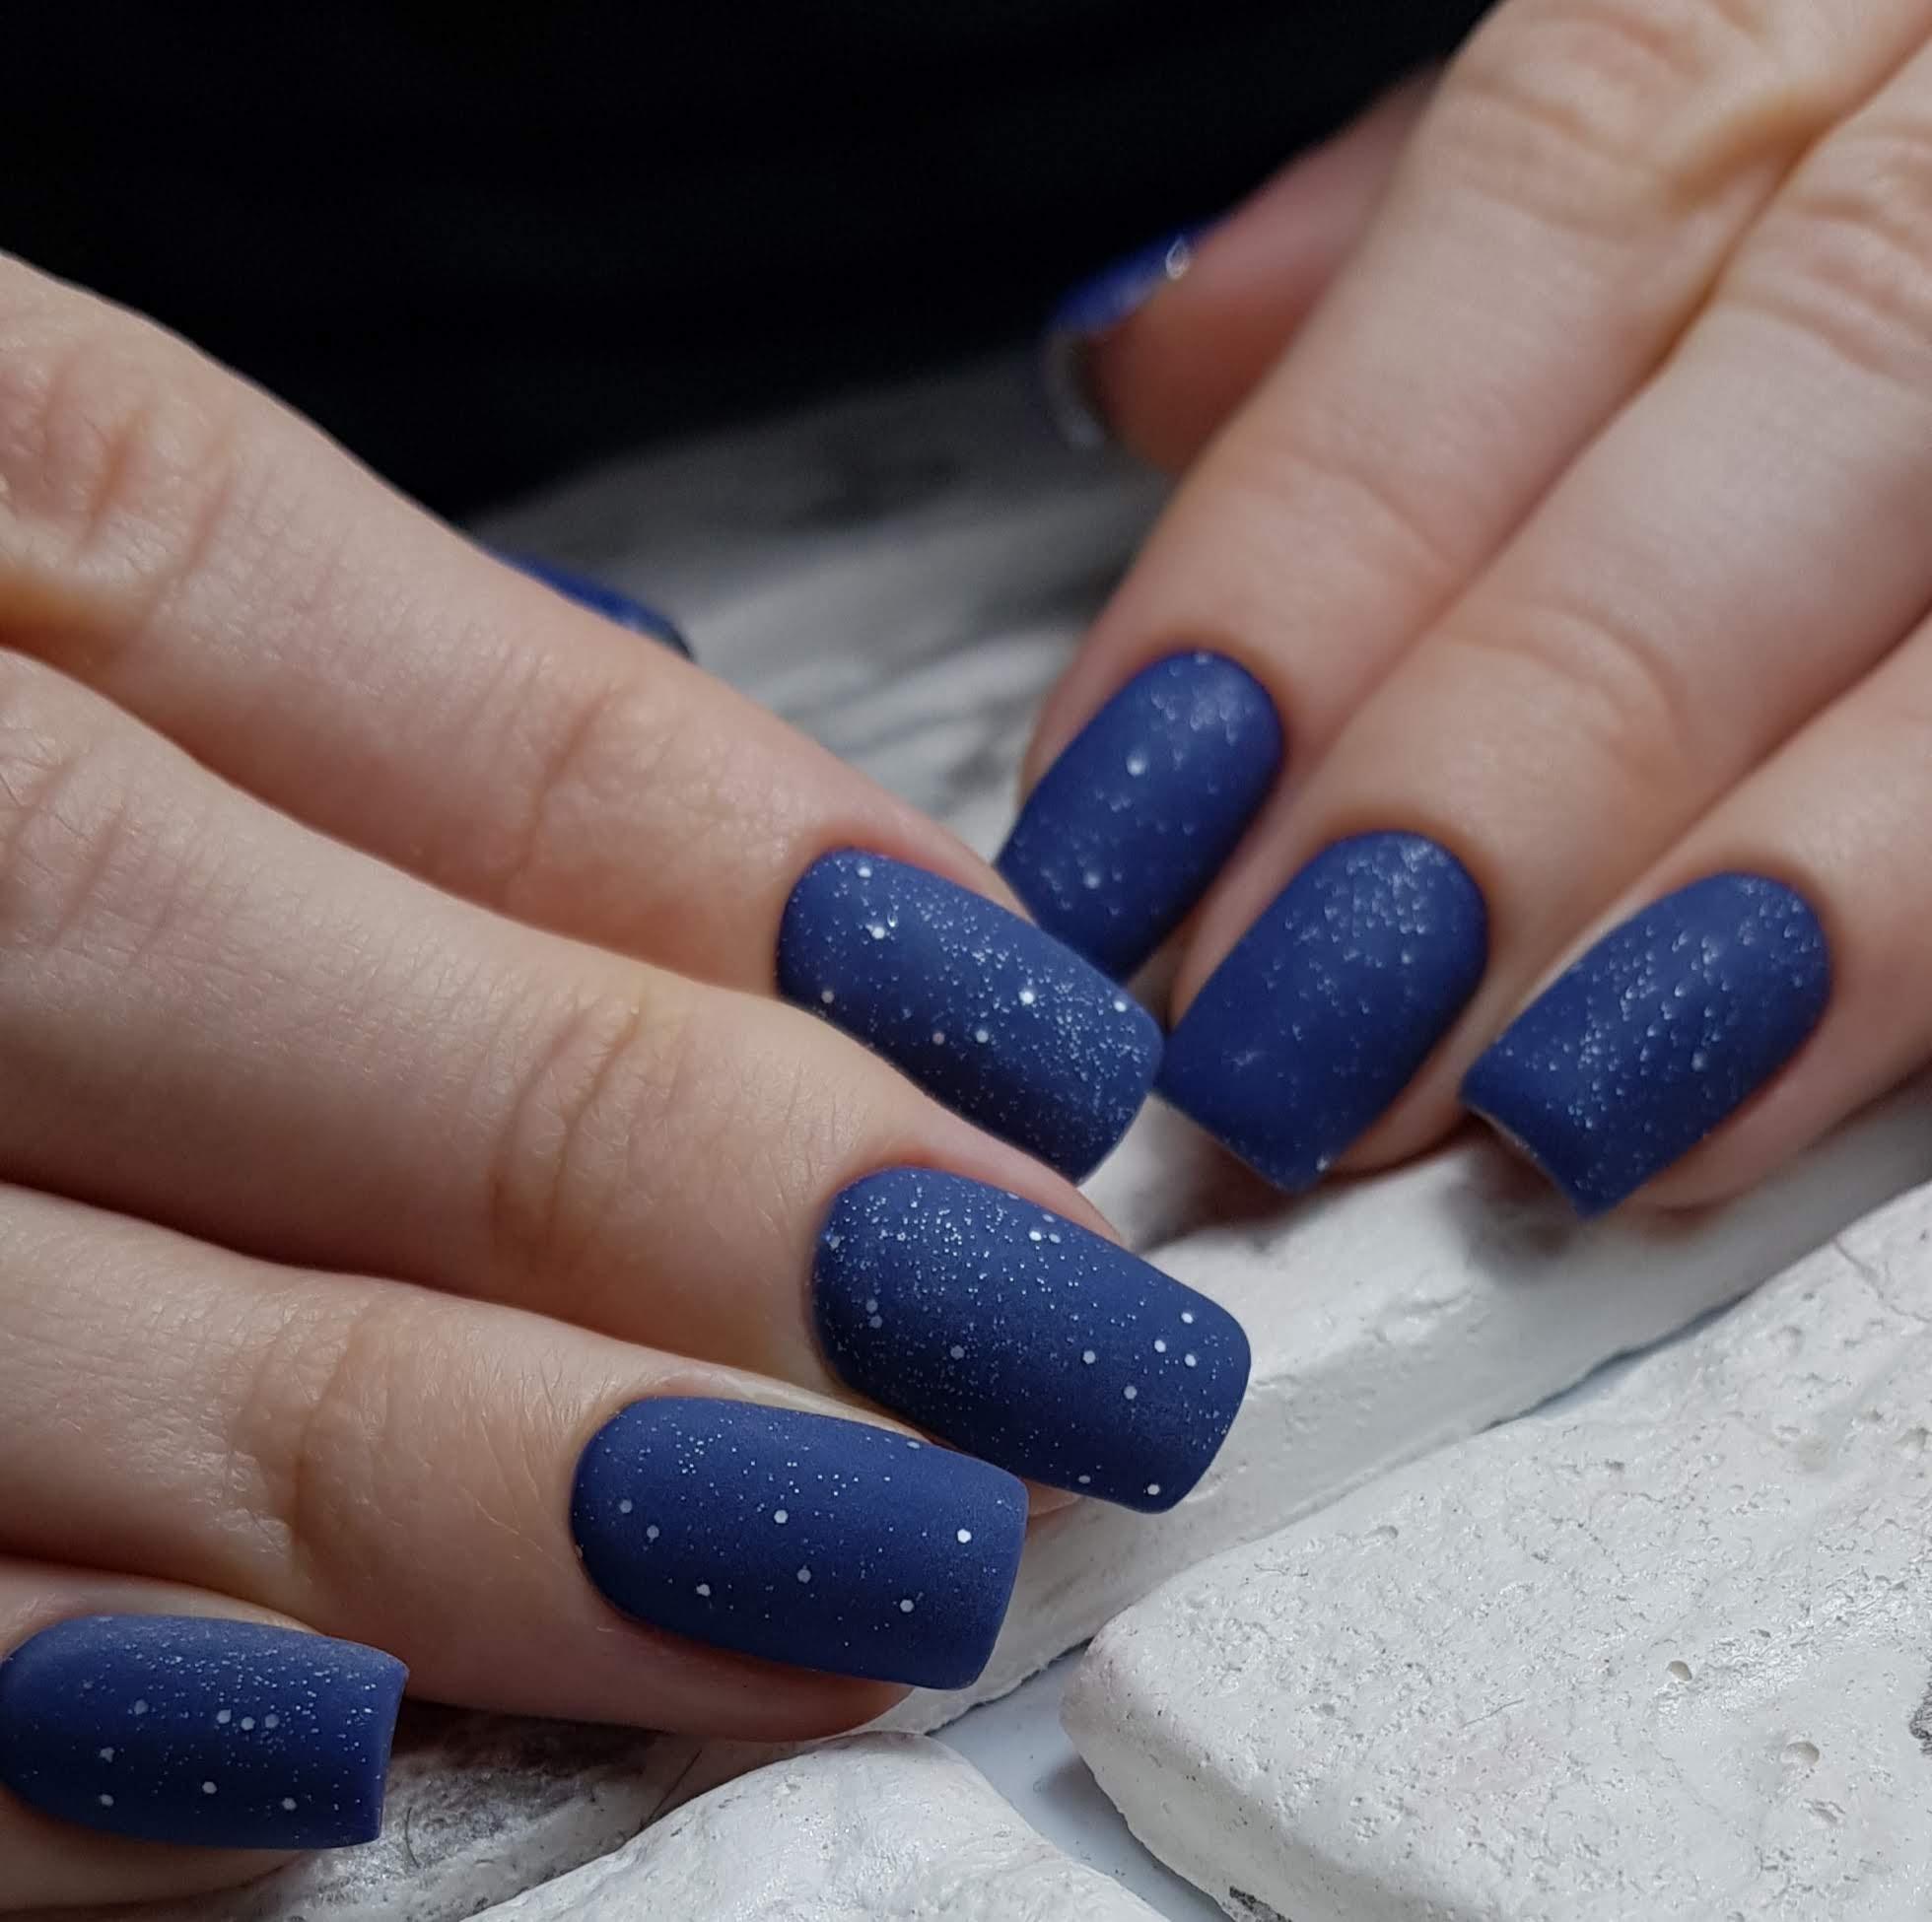 Матовый маникюр с блестками в темно-синем цвете.